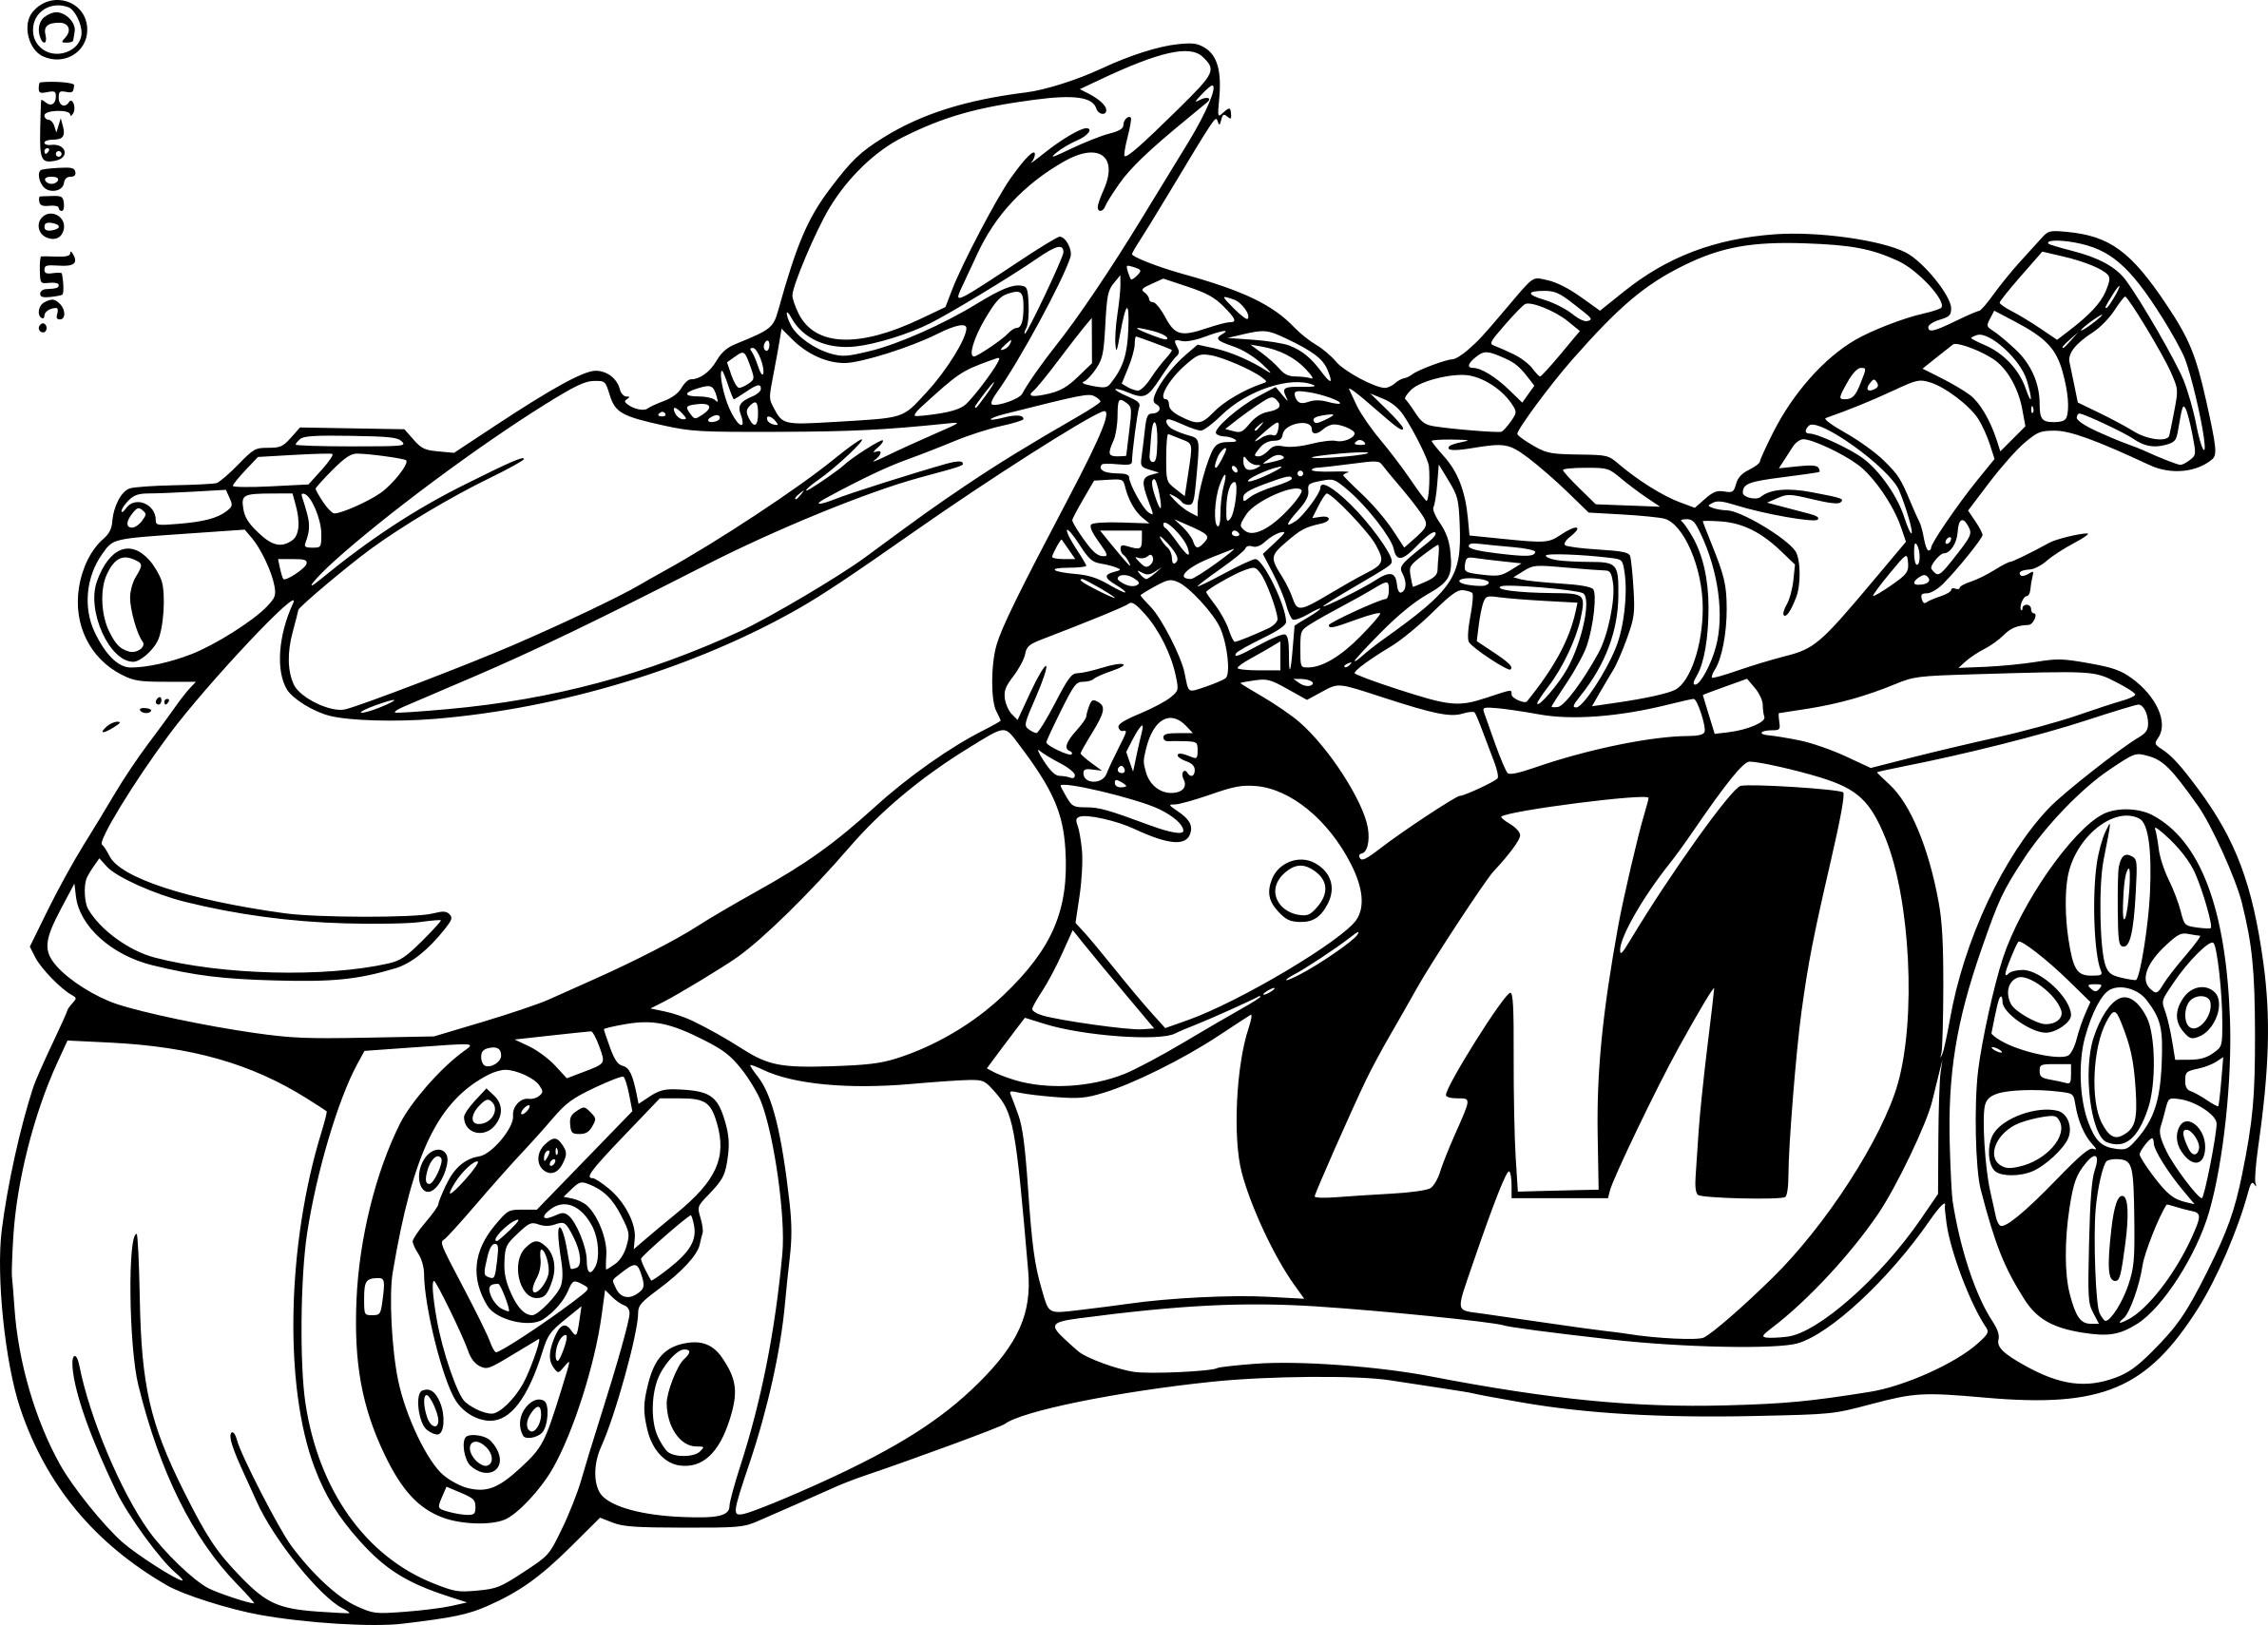 Coloriage Transformers Moto À Imprimer Sur Coloriages encequiconcerne Dessin De Transformers